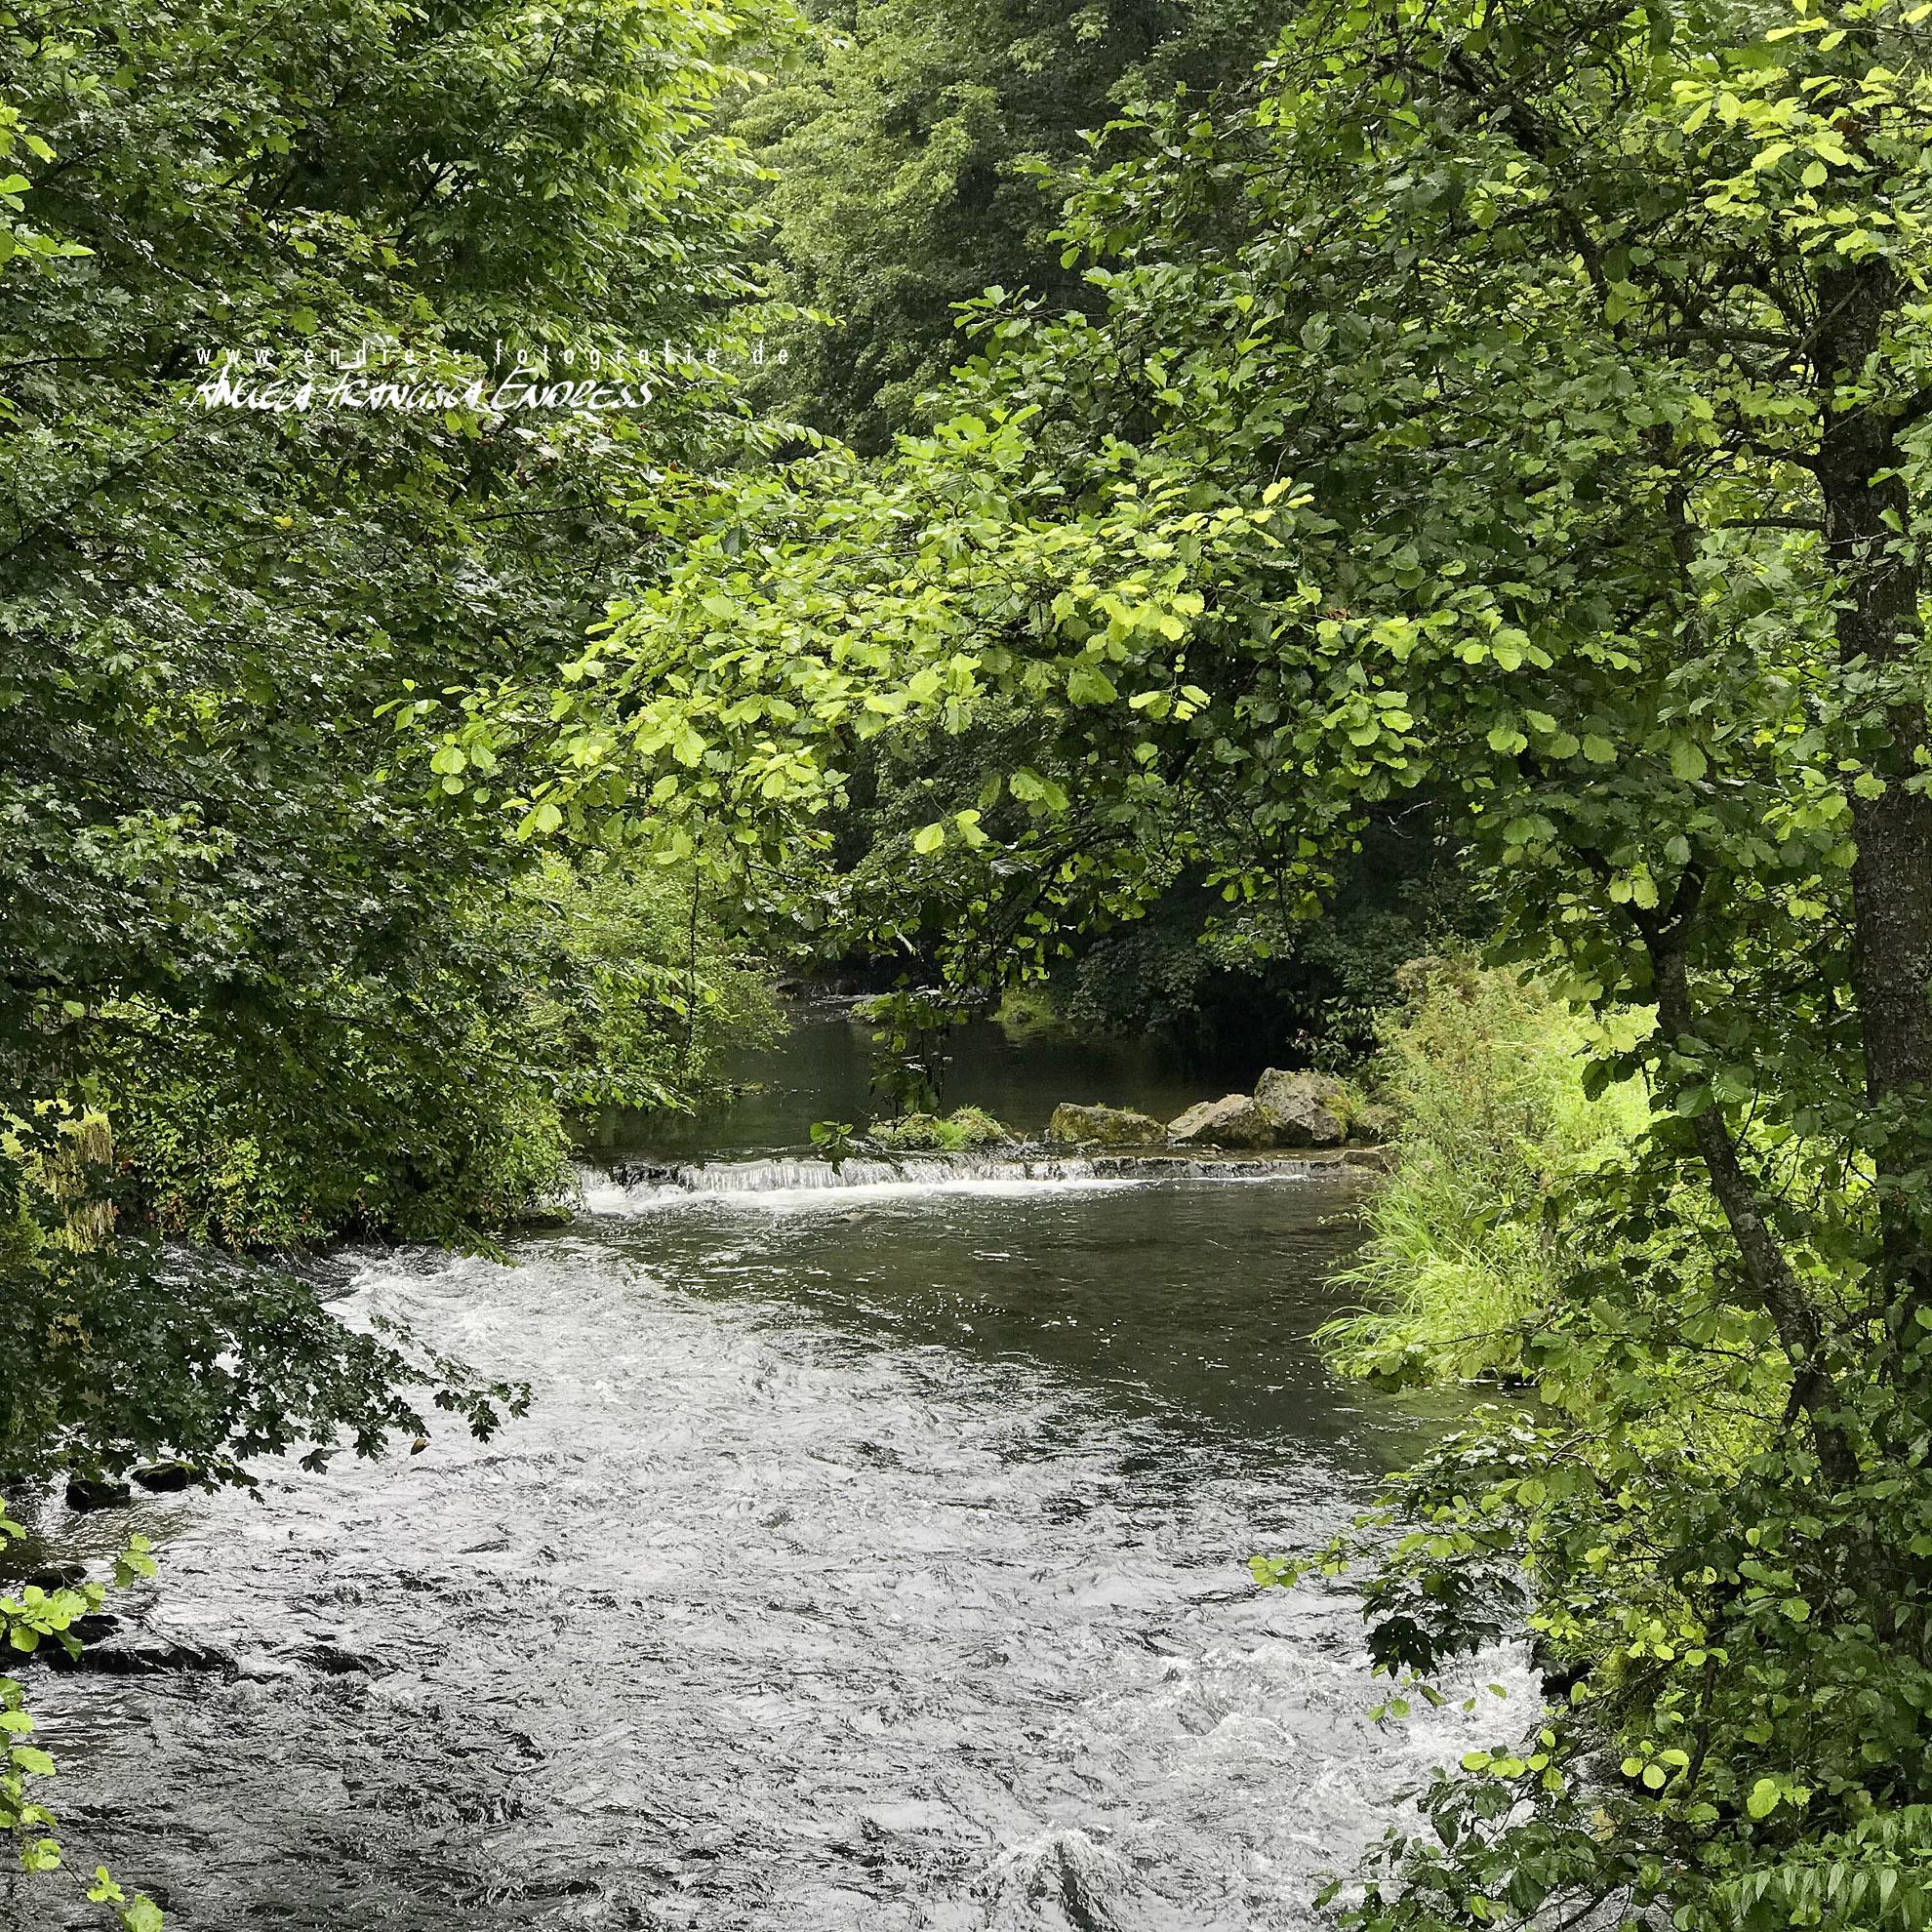 Wiesent Fluss mit Schwelle und Gehölz am Ufer